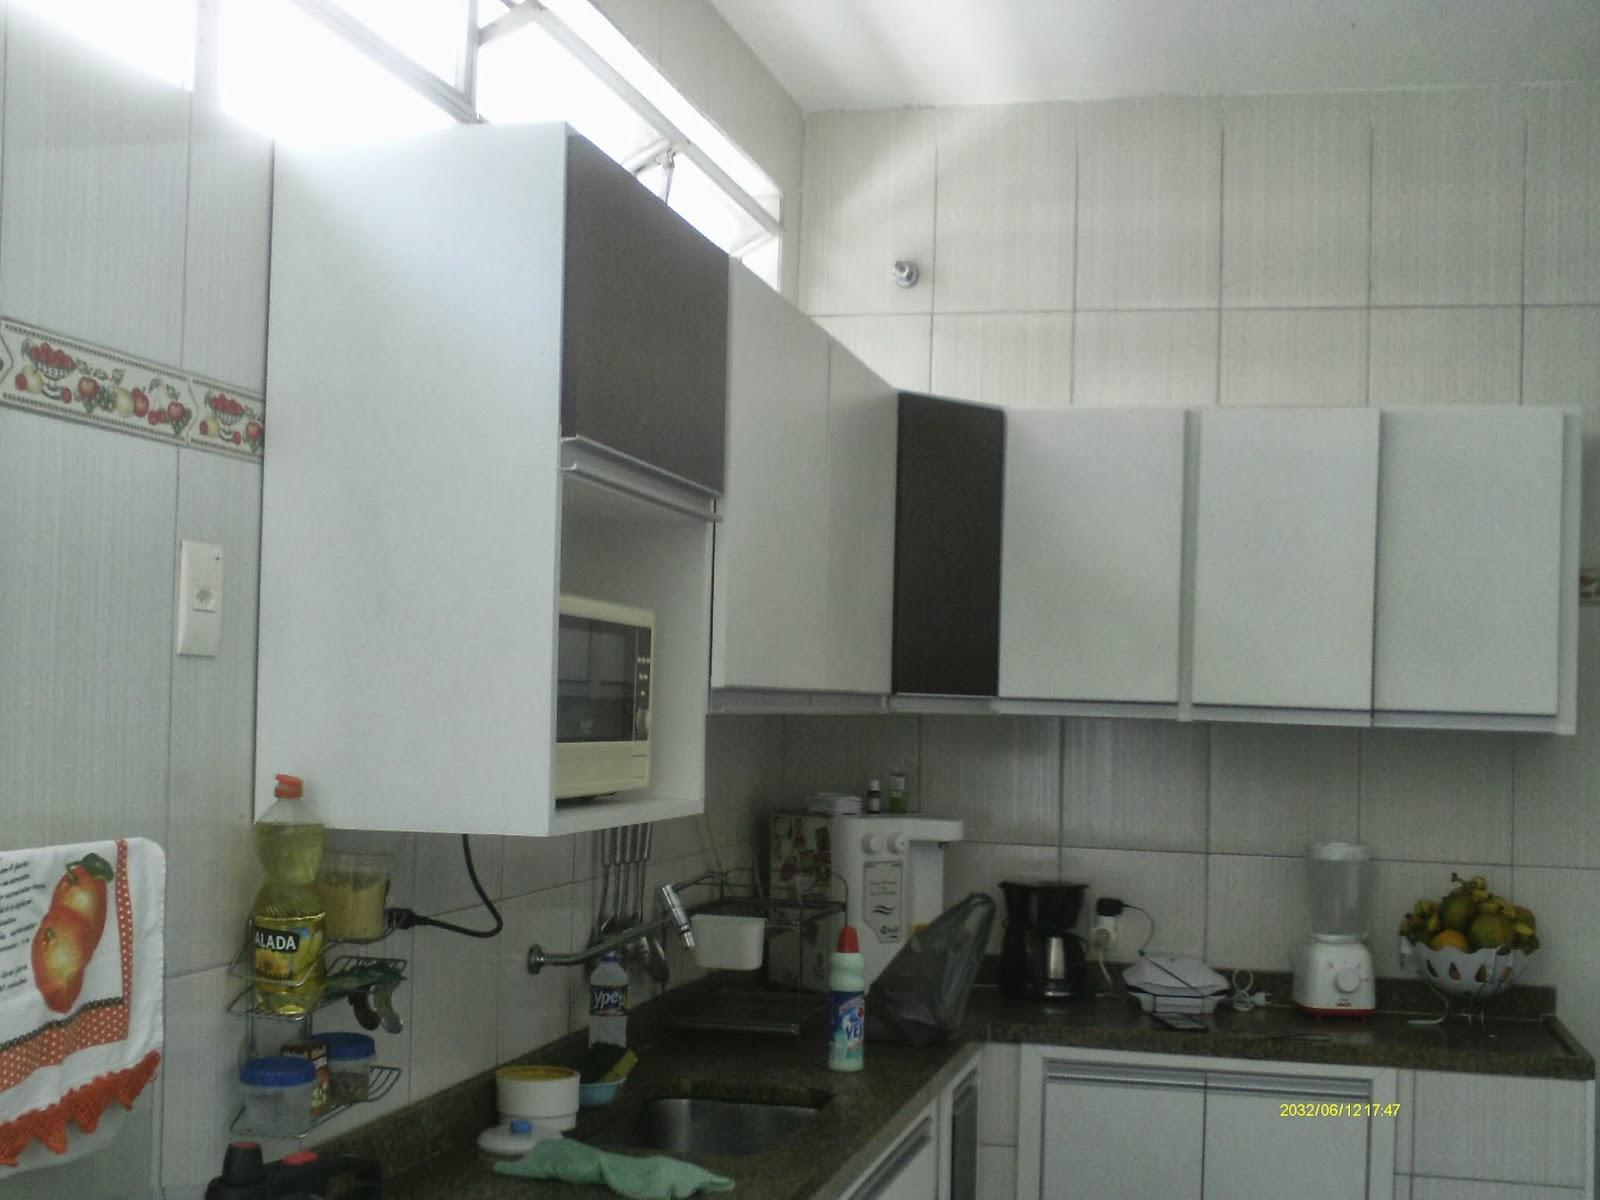 Imagens de #6E4231 Casa Cocotá Ilha do Governador Avelino Freire Imóveis 1600x1200 px 3544 Blindex Banheiro Jacarepagua